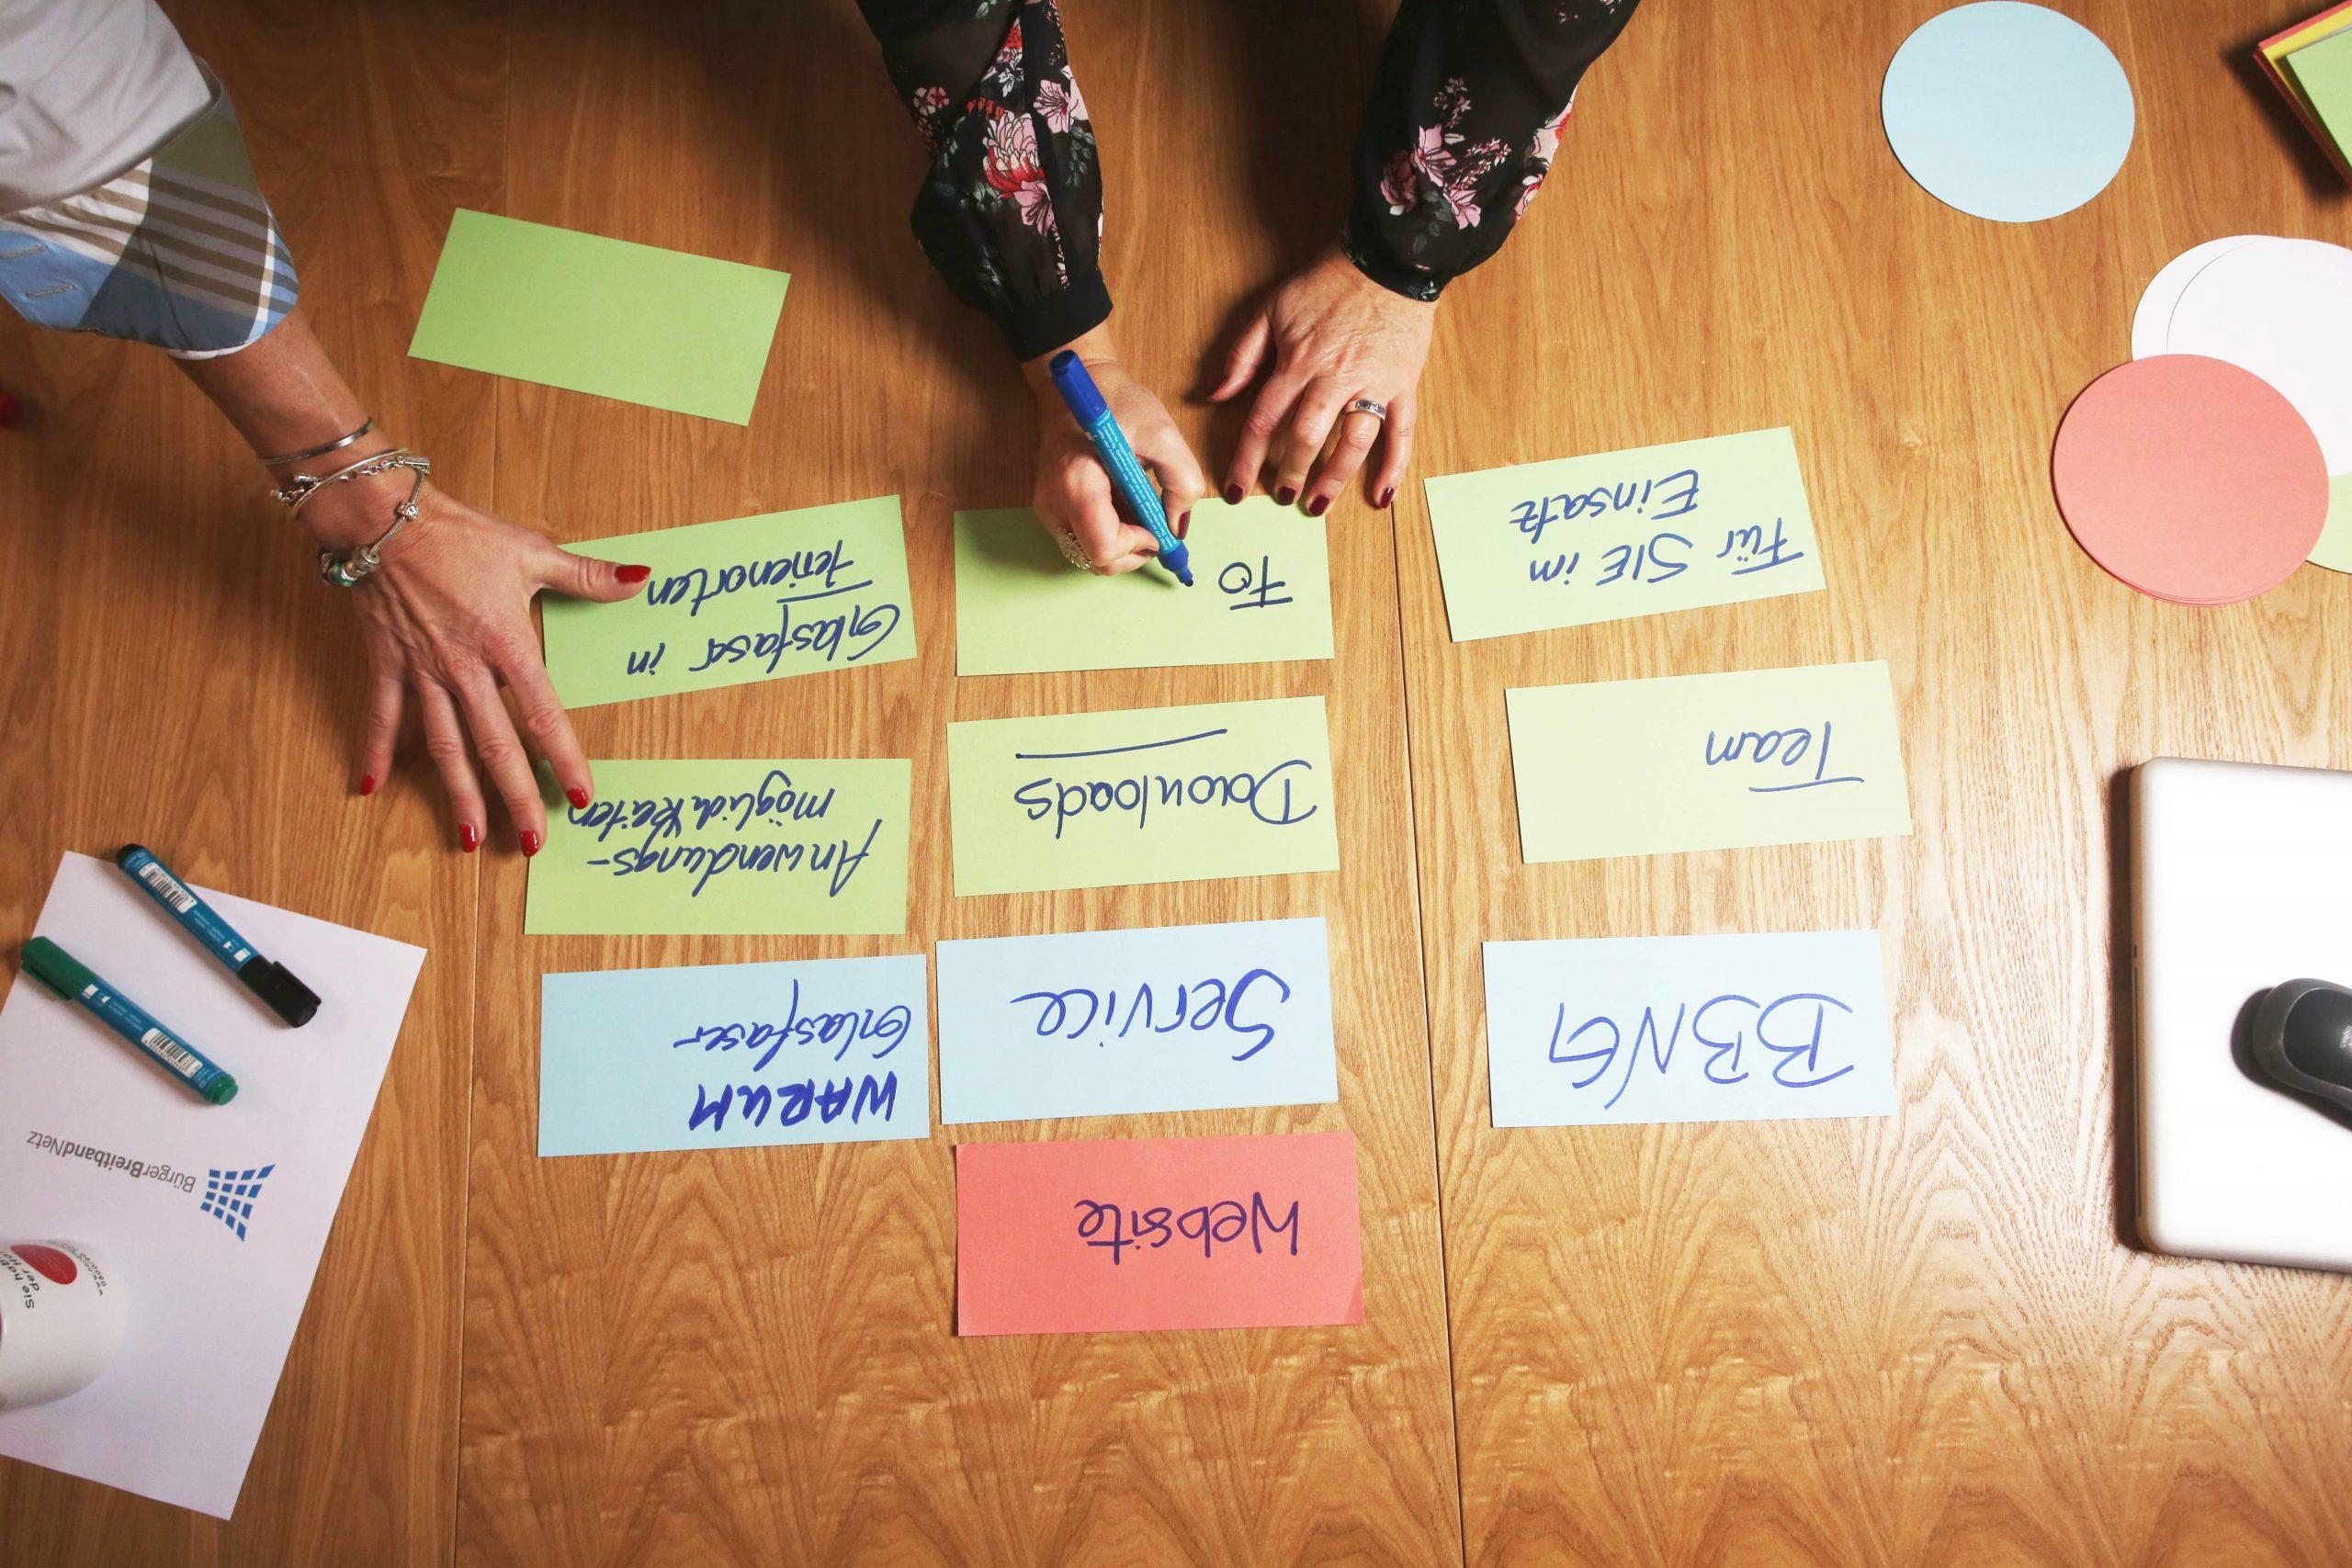 Blick auf Konferenztisch während gemeinsamer Entwicklungsarbeit